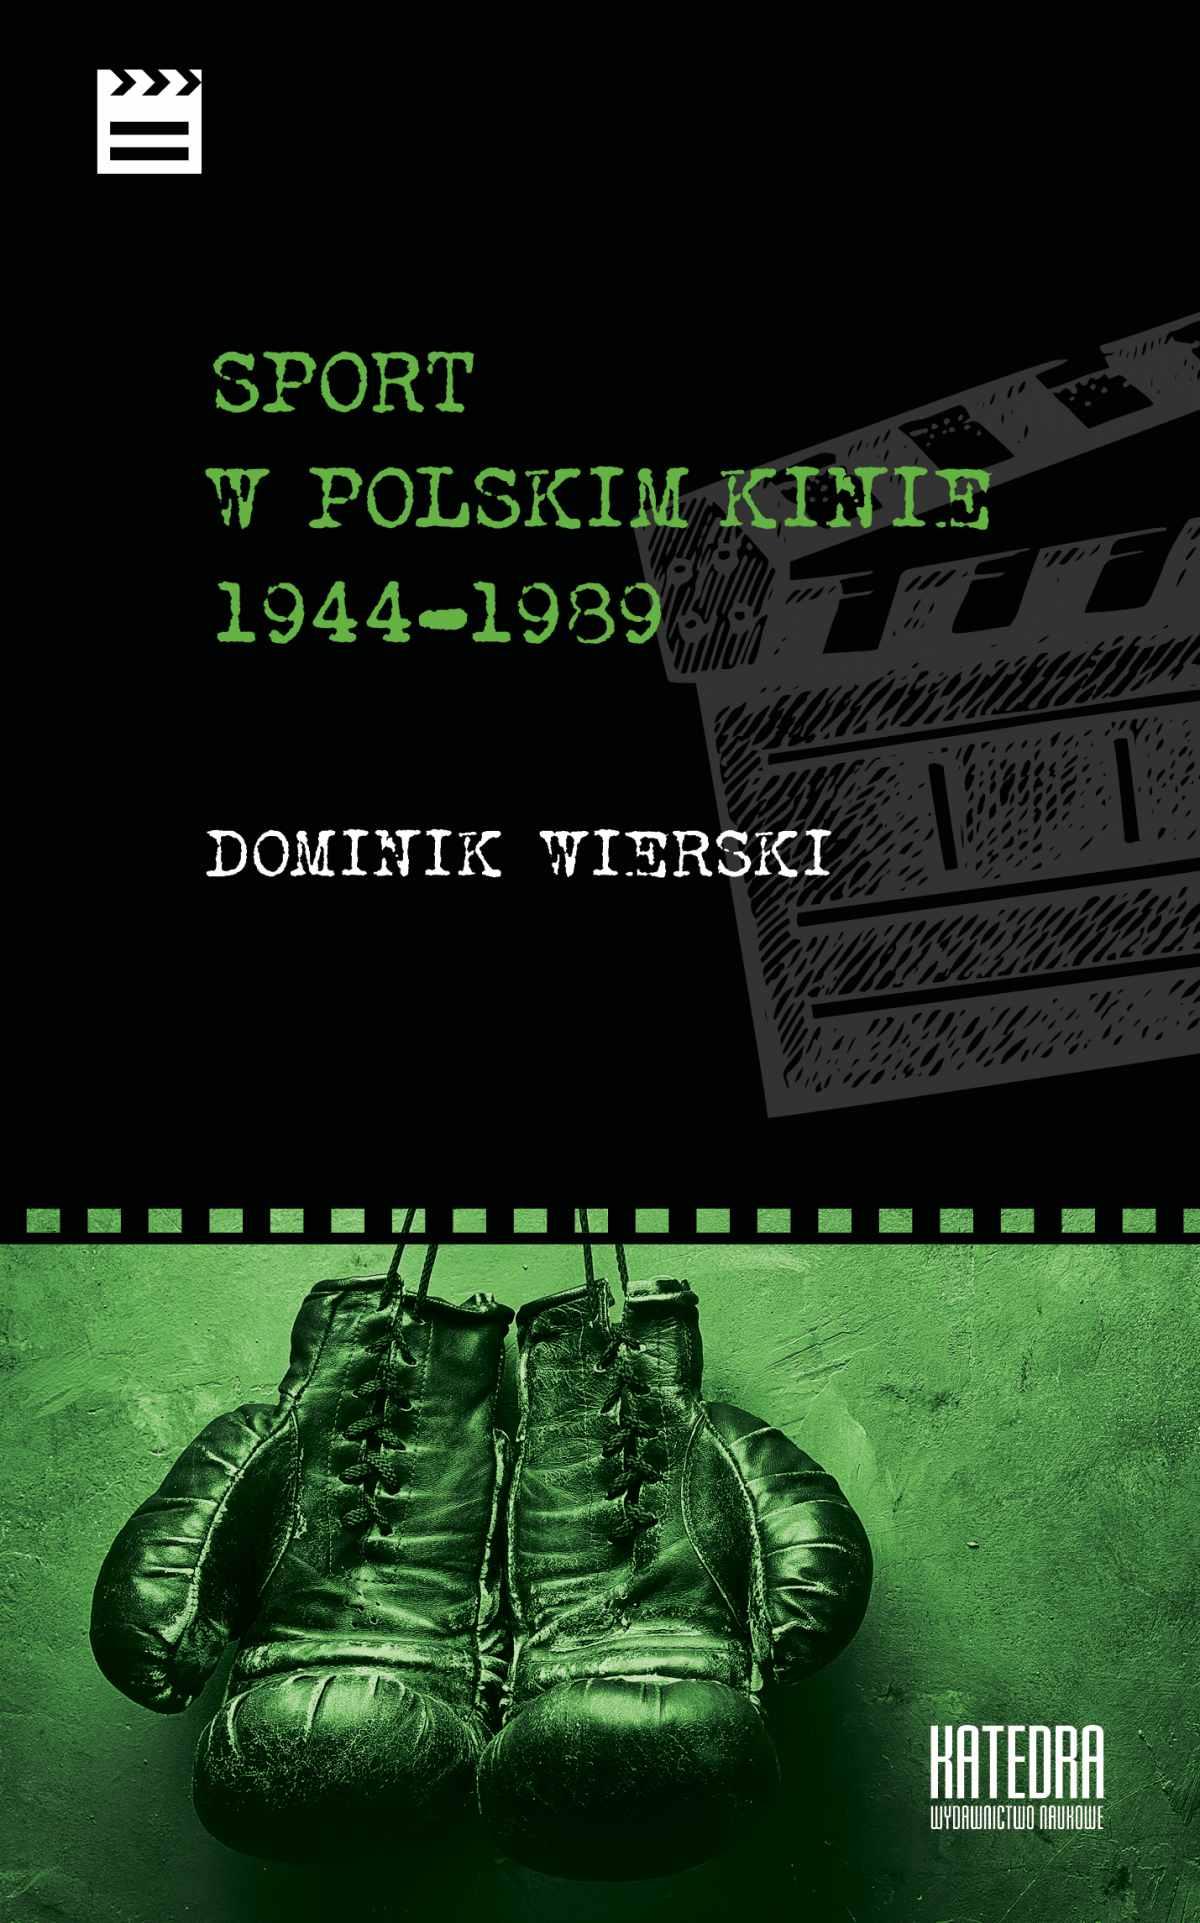 Sport w polskim kinie 1944-1989 - Ebook (Książka EPUB) do pobrania w formacie EPUB